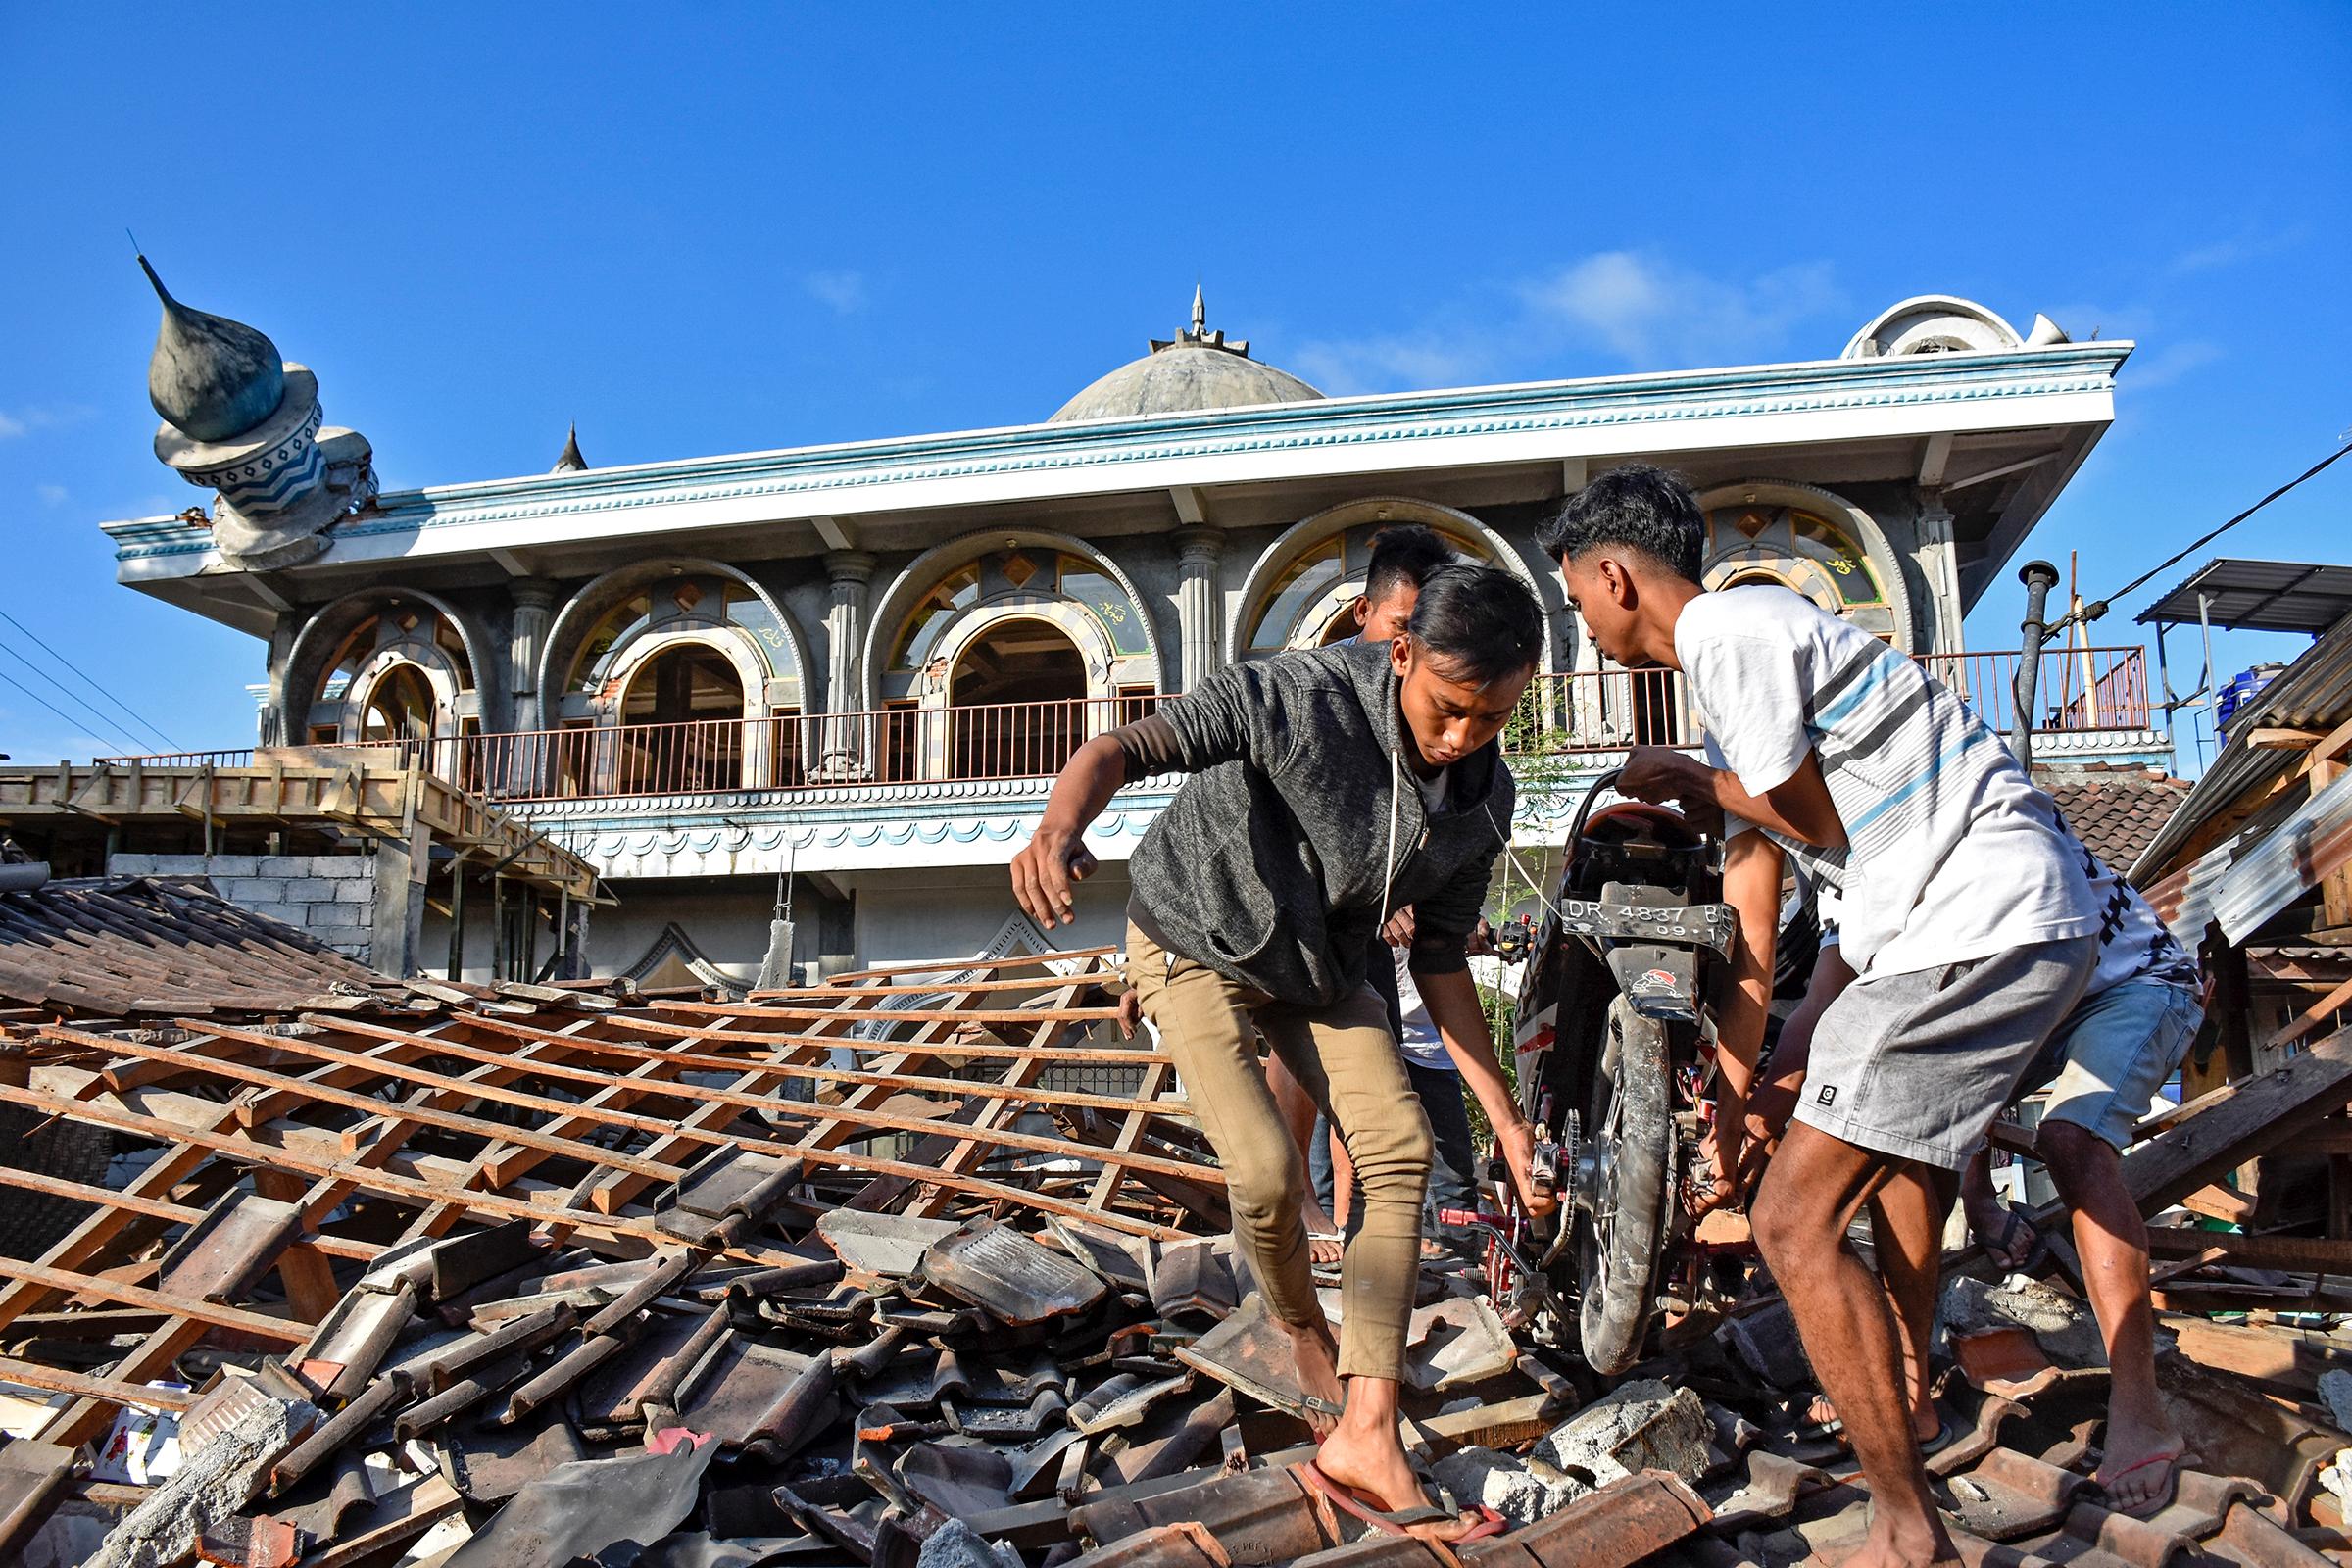 5 августа в Индонезии произошло землетрясение магнитудой 7. Основной удар пришелся на северную часть страны — остров Ломбок — и чувствовался на Бали, где погибли два человека.